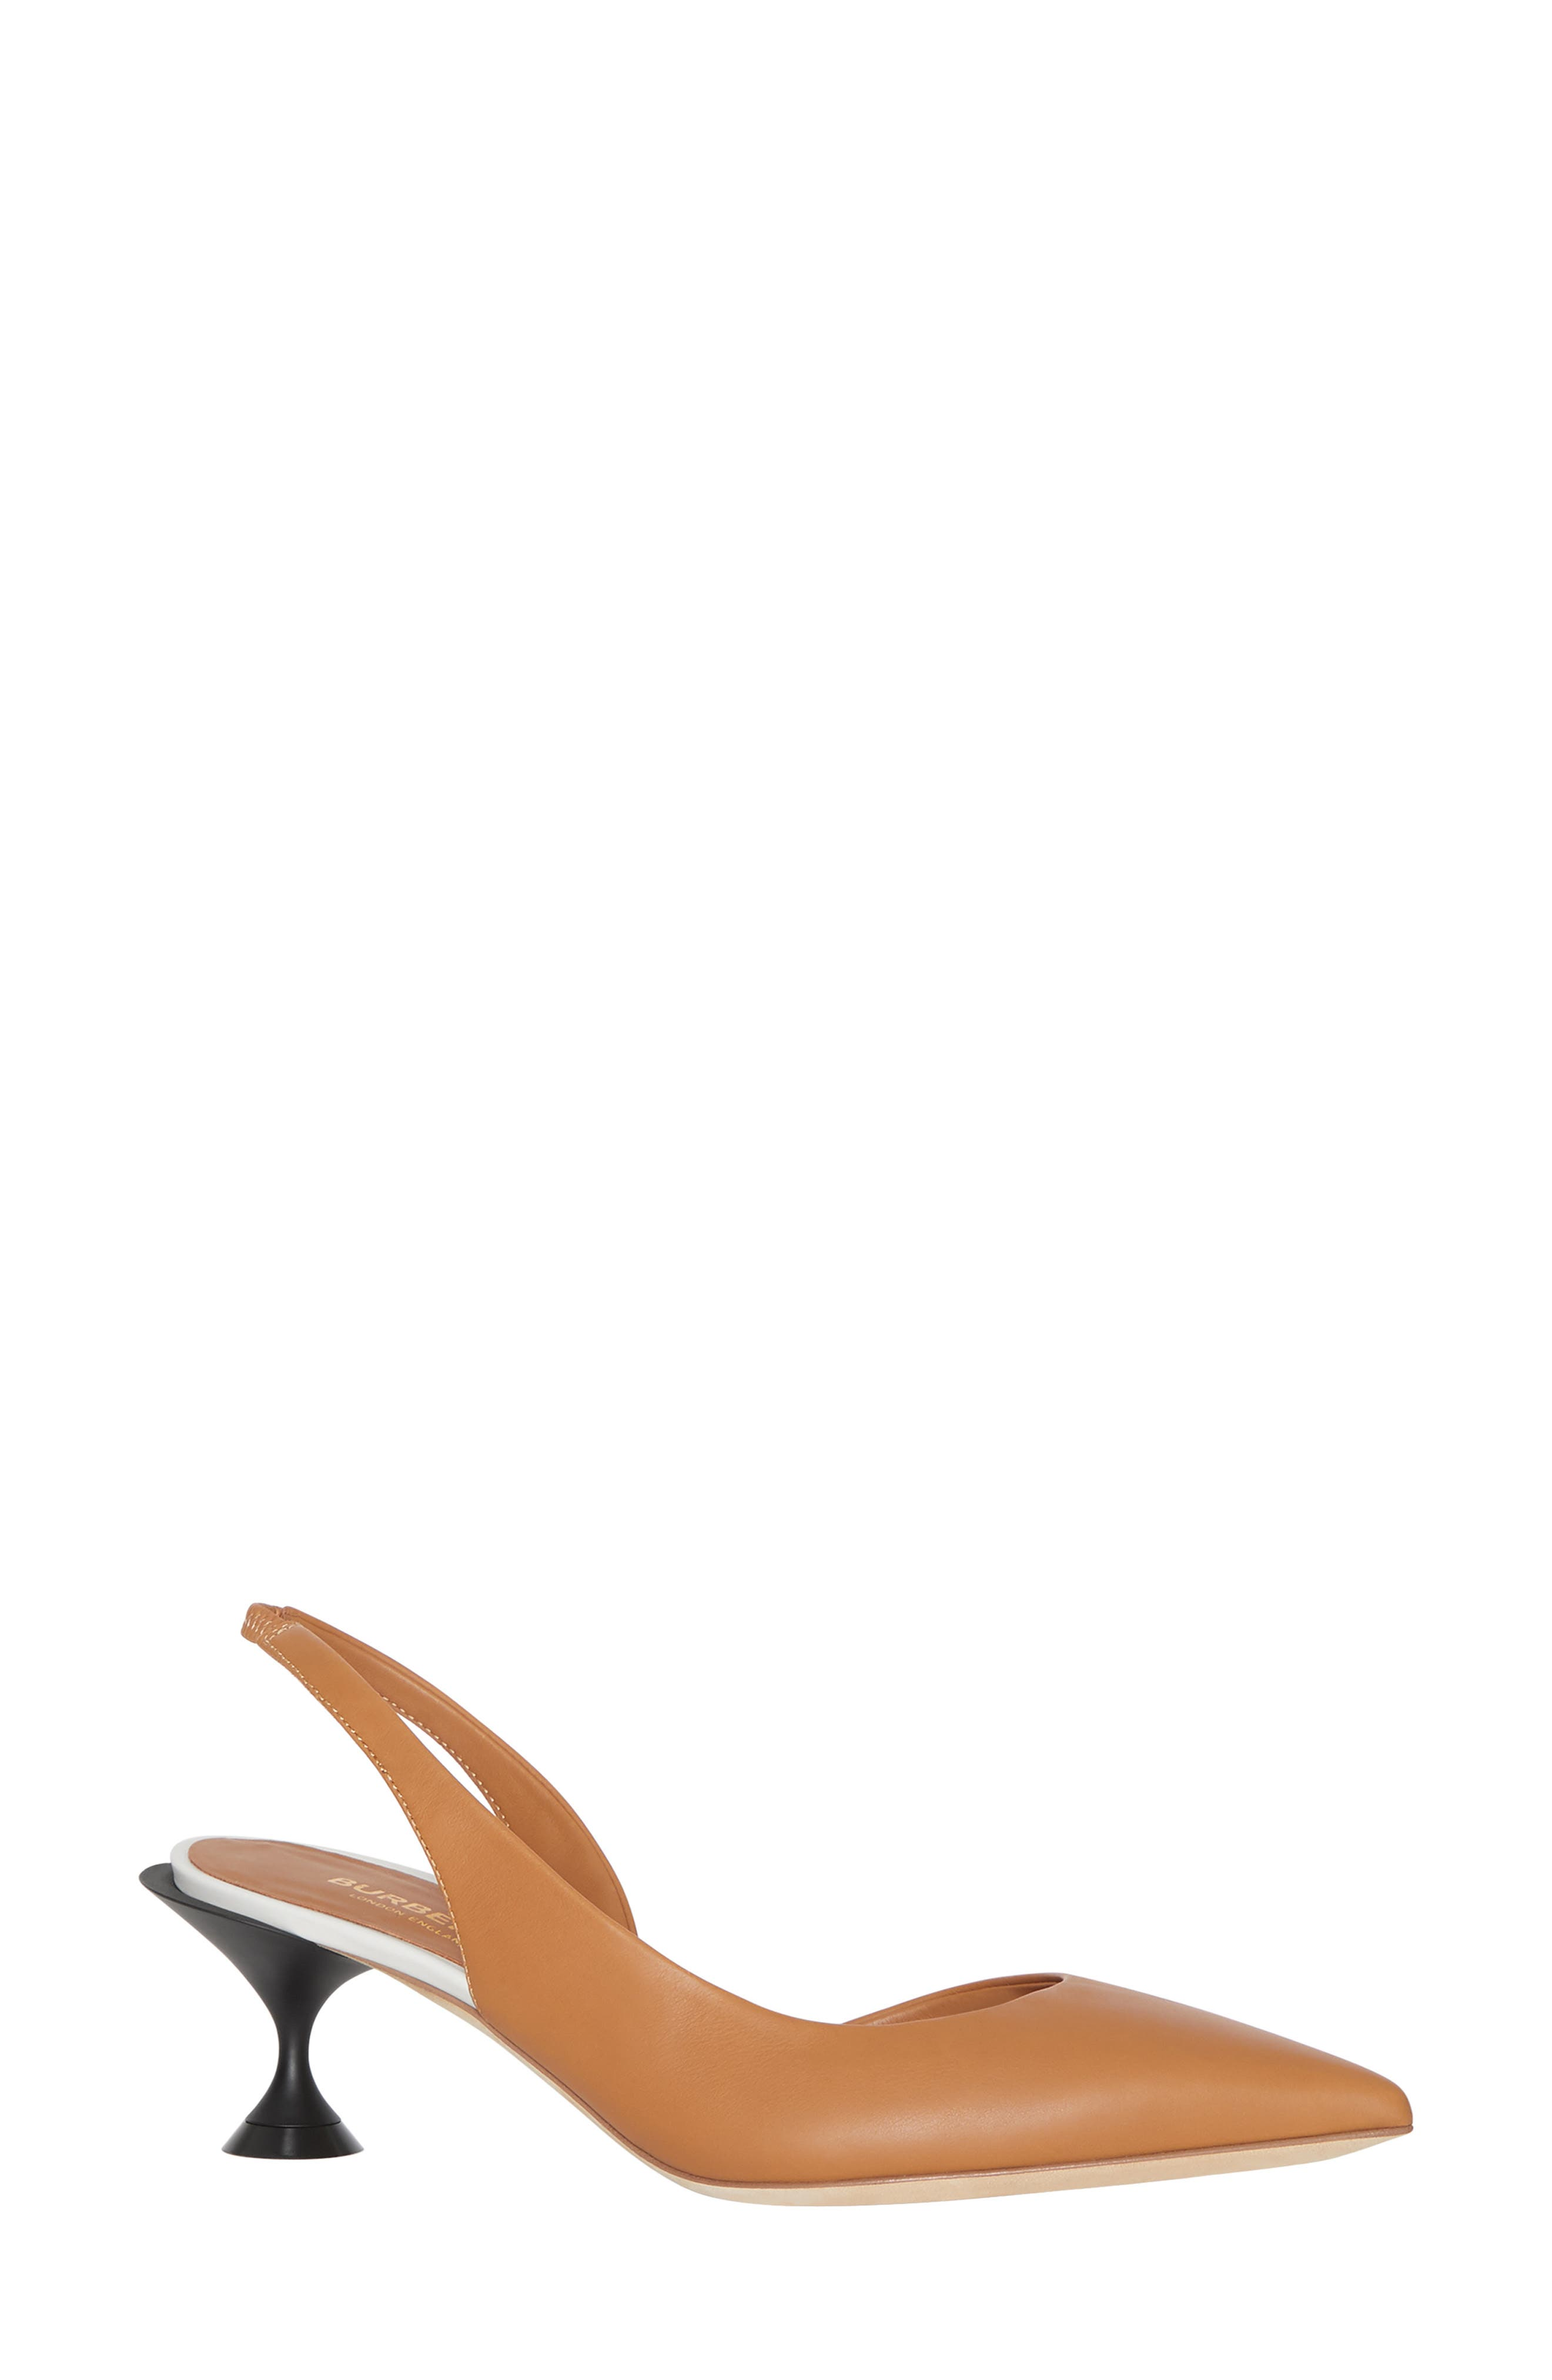 BURBERRY Leticia Check Slingback Pump, Main, color, CAMEL